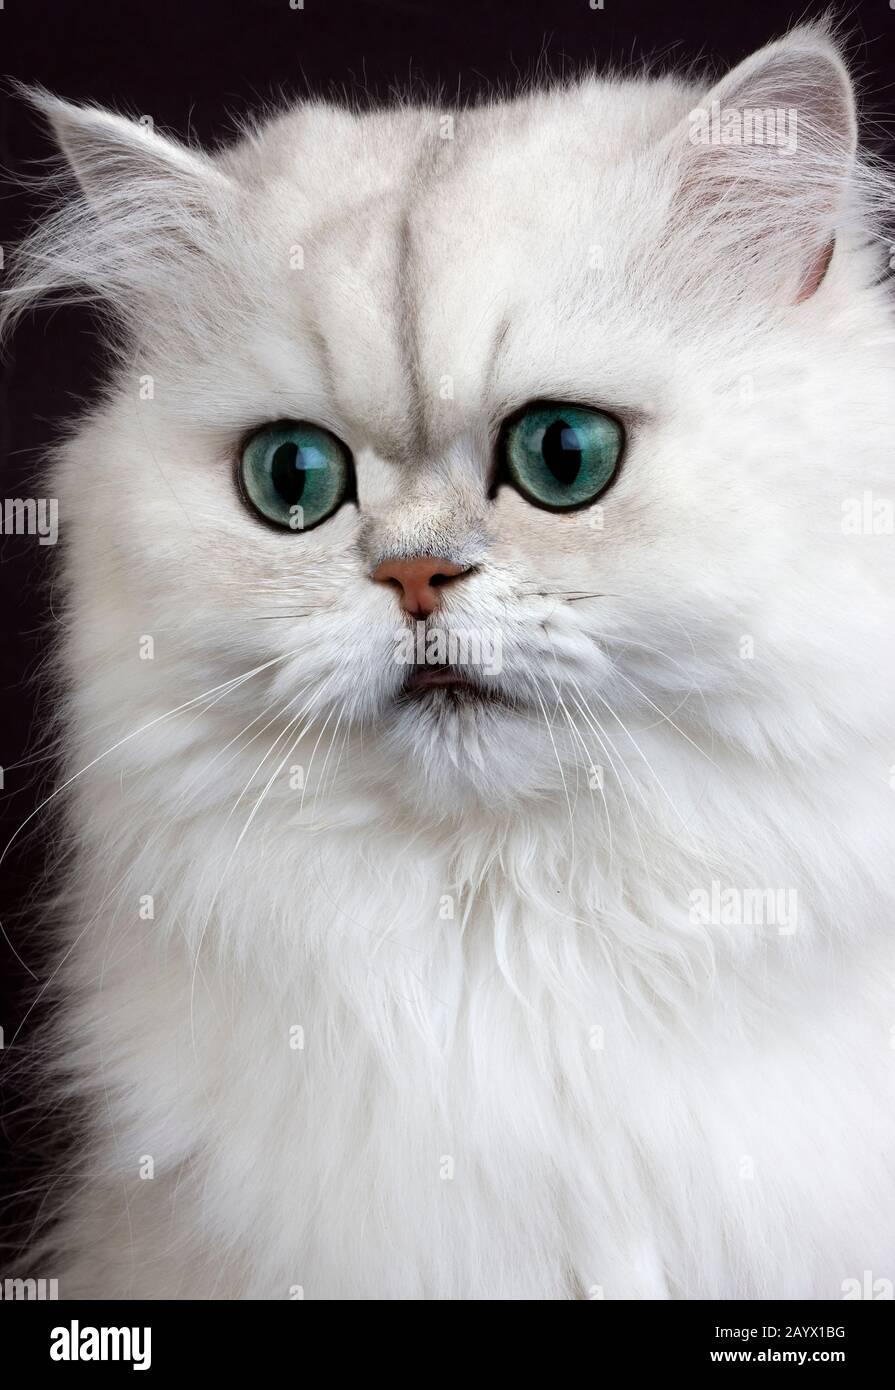 Chinchilla Persische Hauskatze Mit Grunen Augen Stockfotos Und Bilder Kaufen Alamy